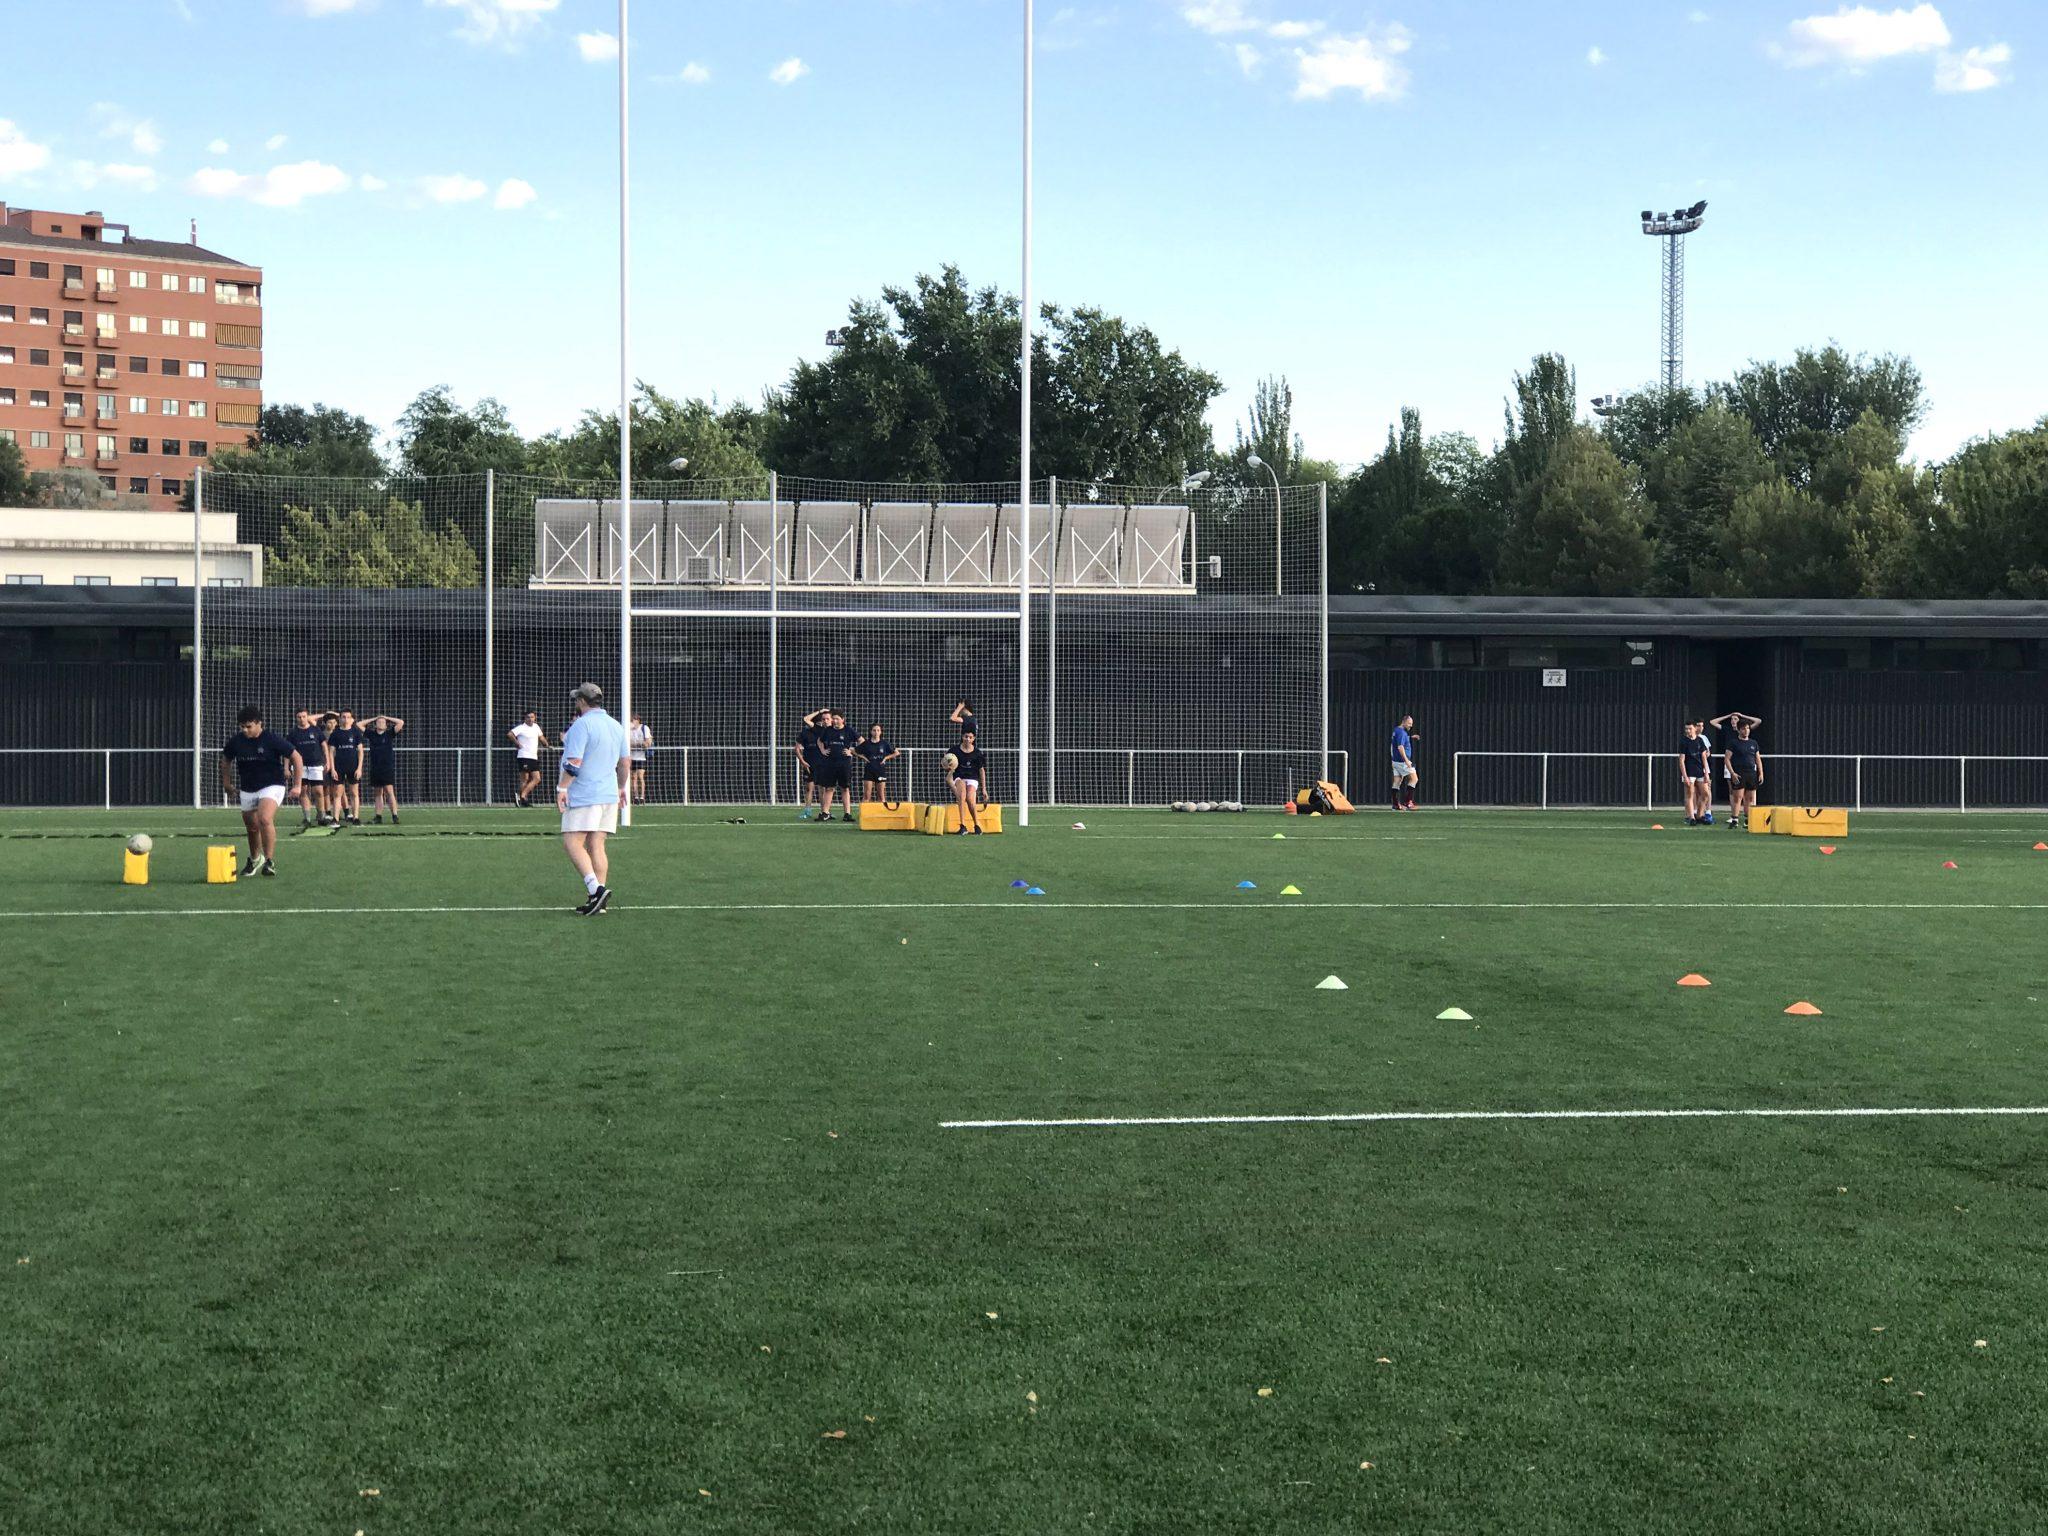 Entrenamiento Academia San Isidro Rugby Club, Campo de Rugby Tres Olivos